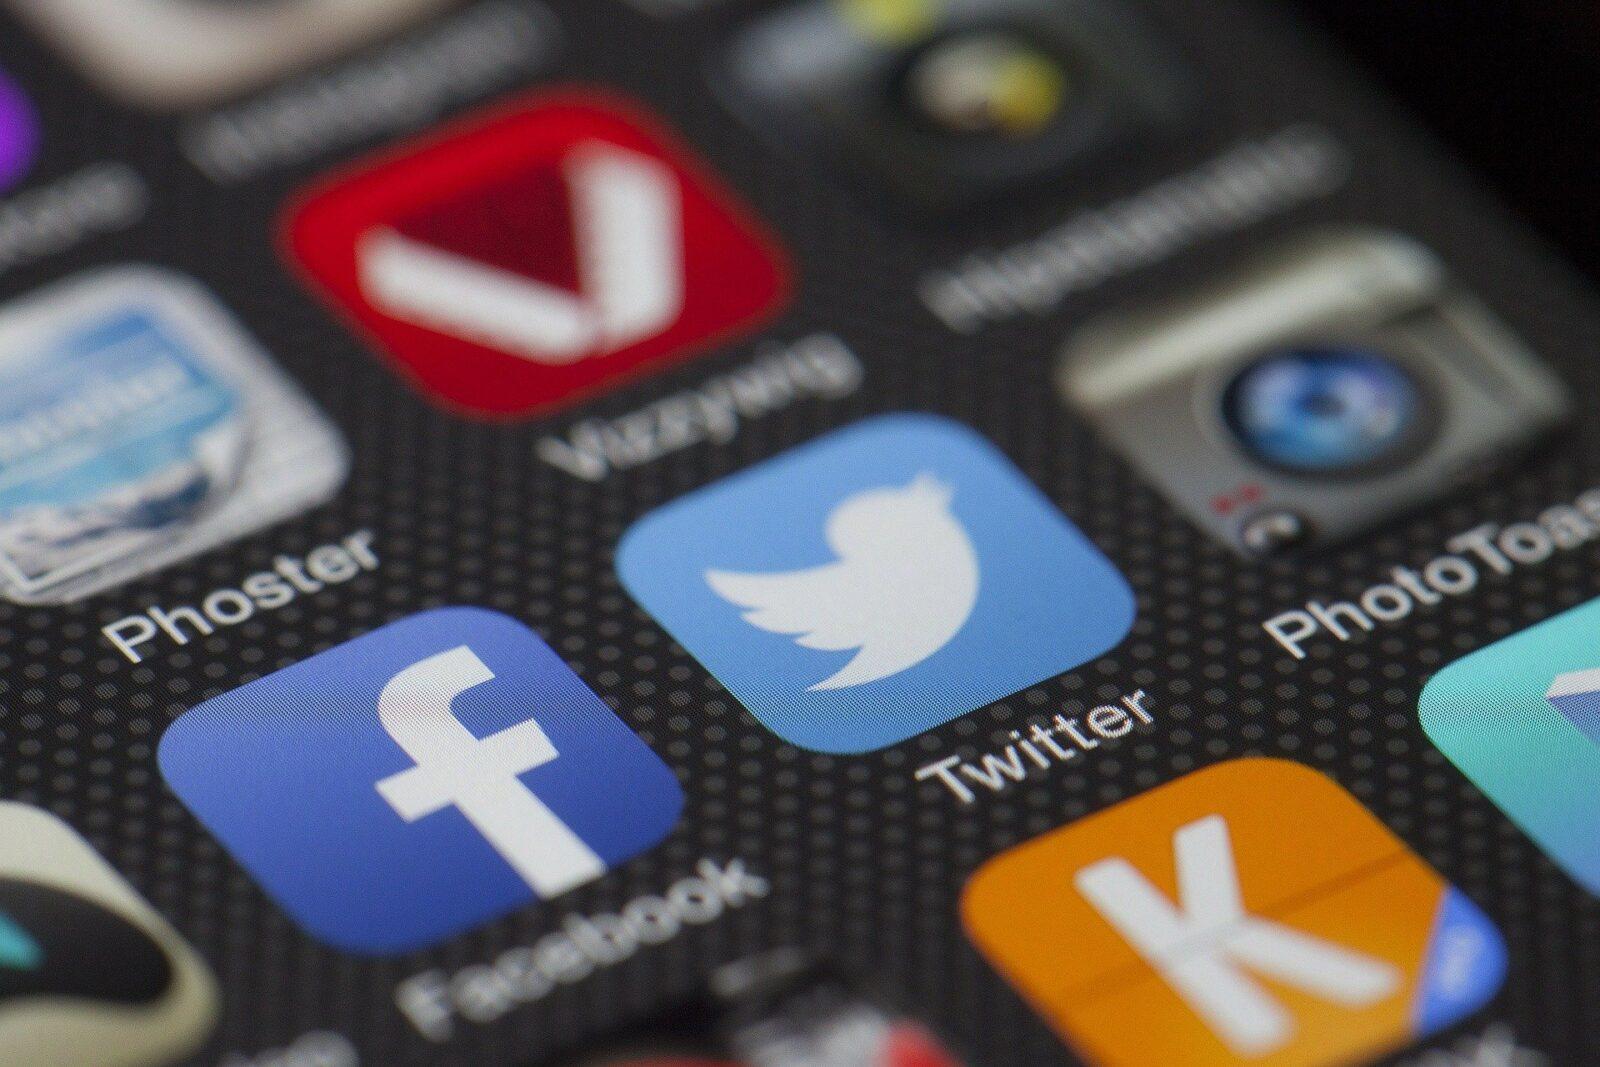 Социальные сети: площадка для диалога или хайпа и манипуляции?